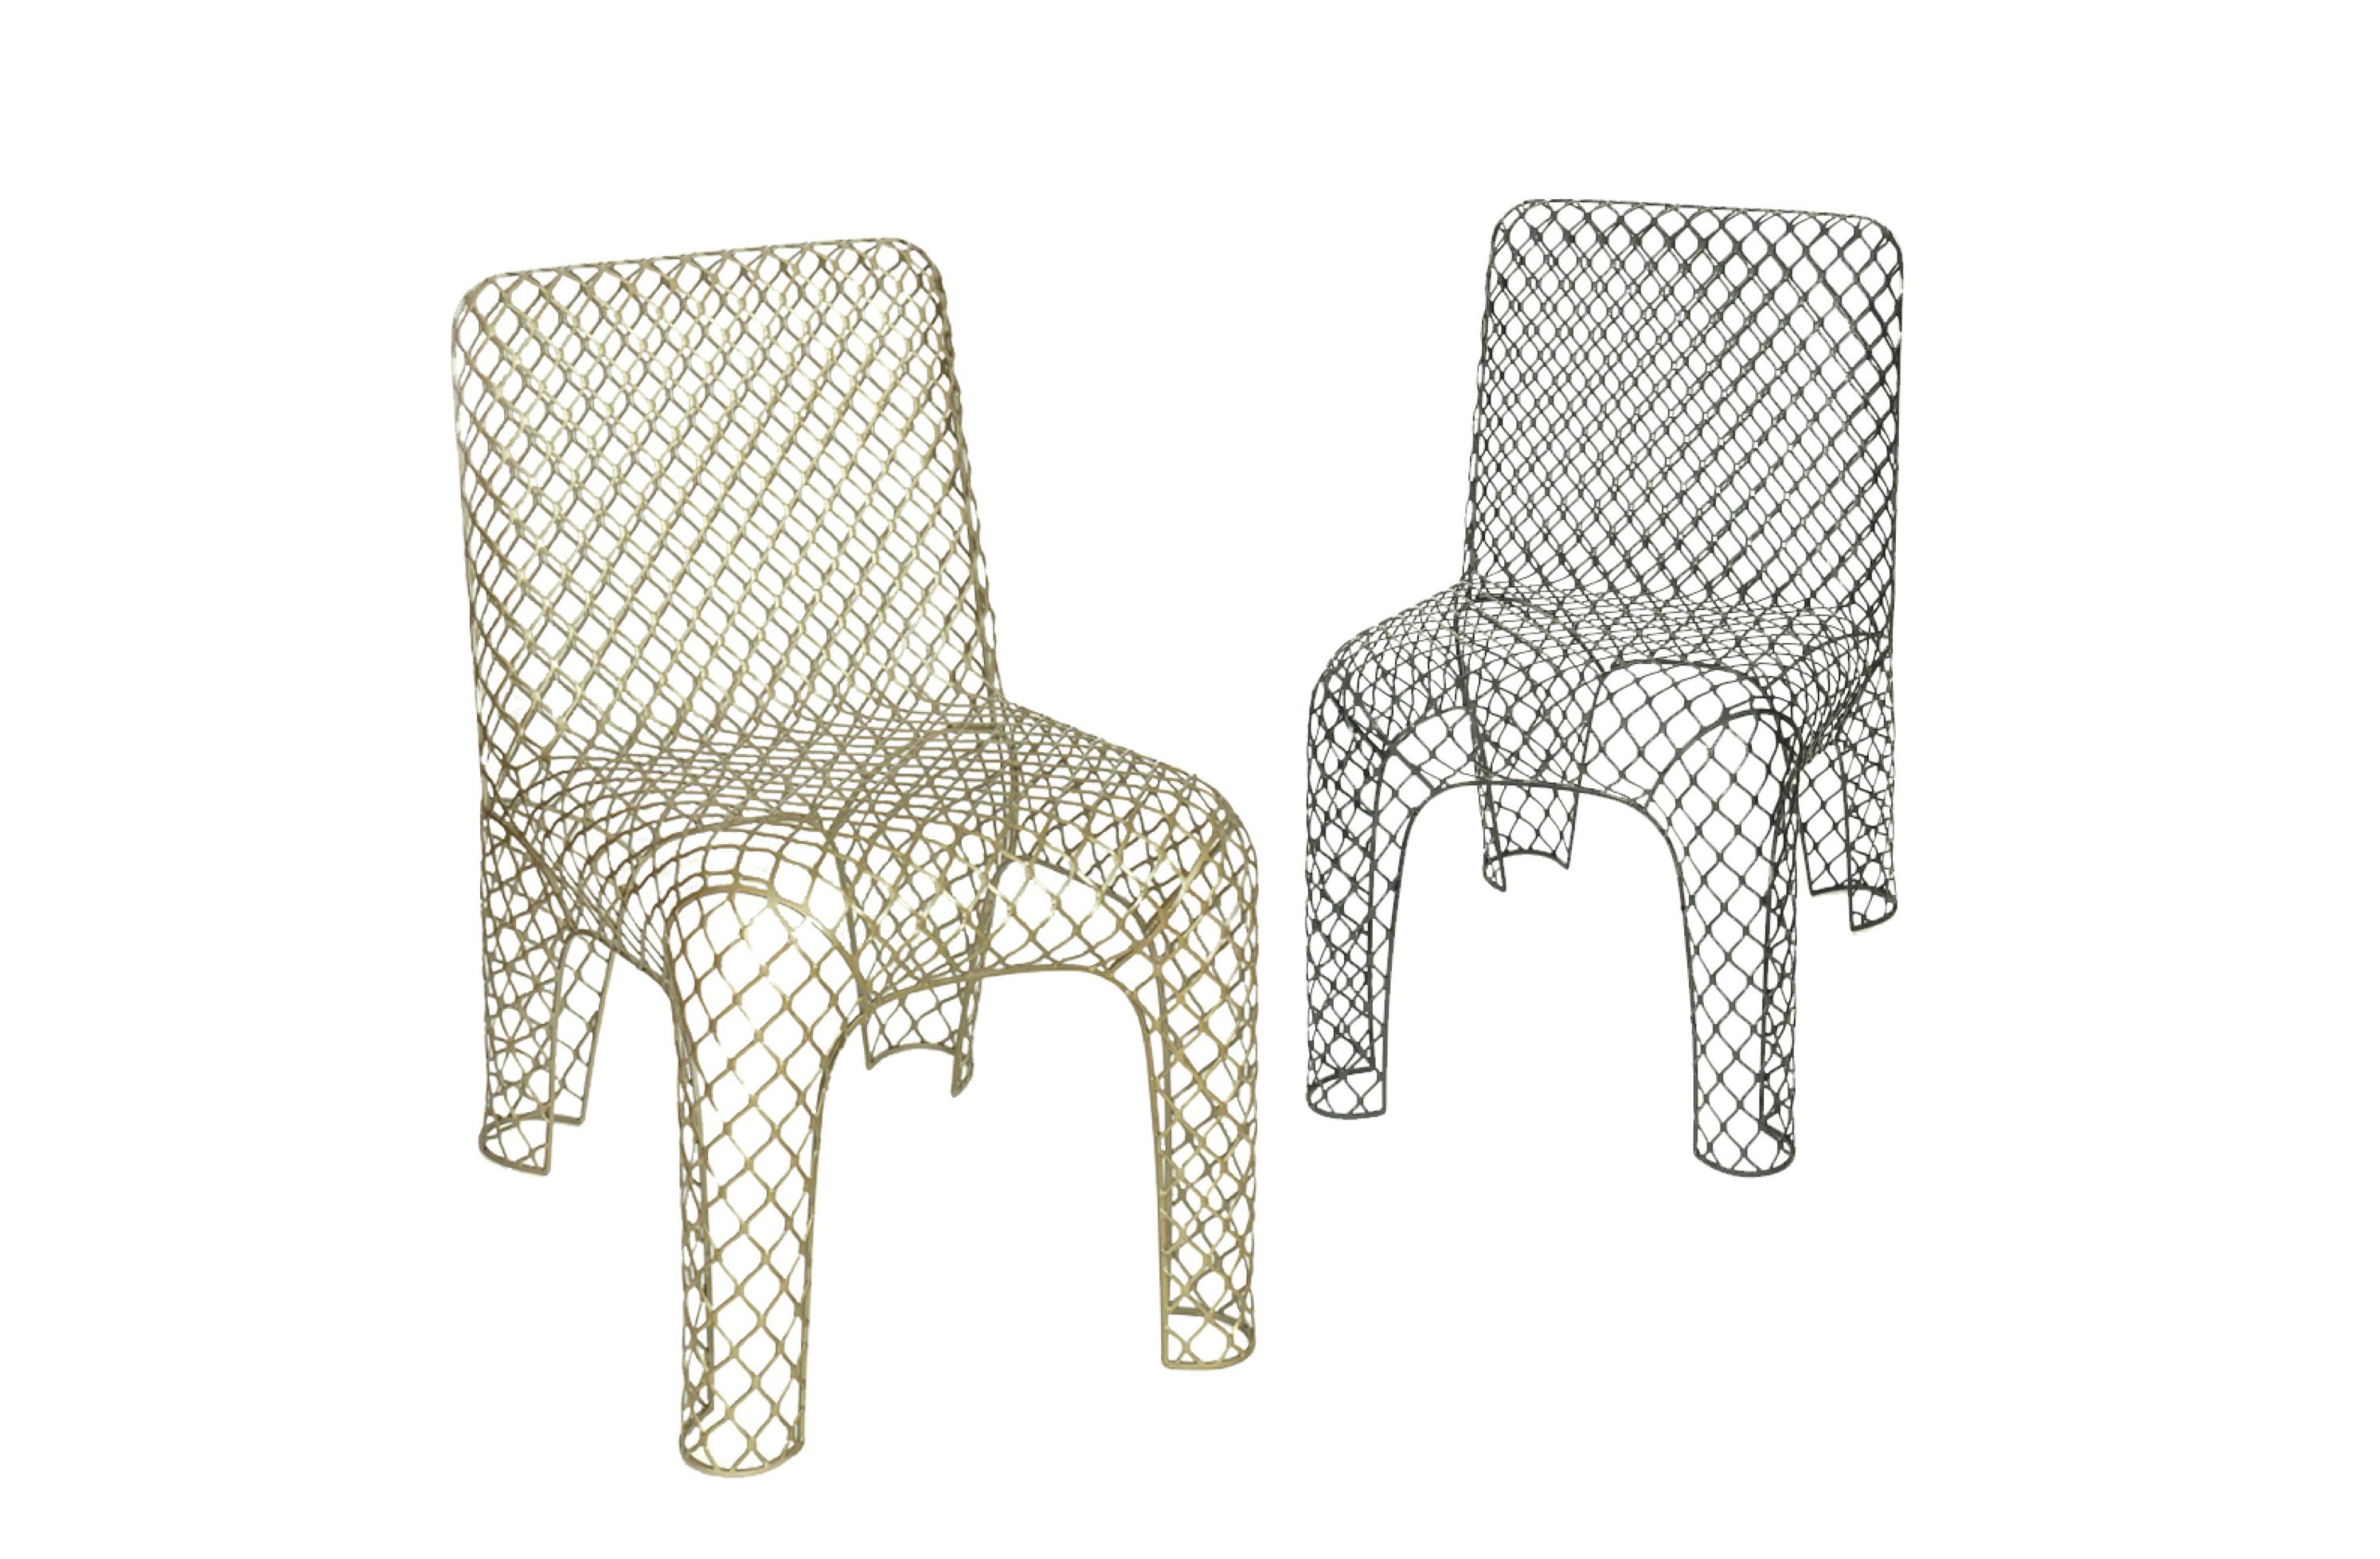 Cadeira Mesh / Chris Kabel, © Chris Kabel